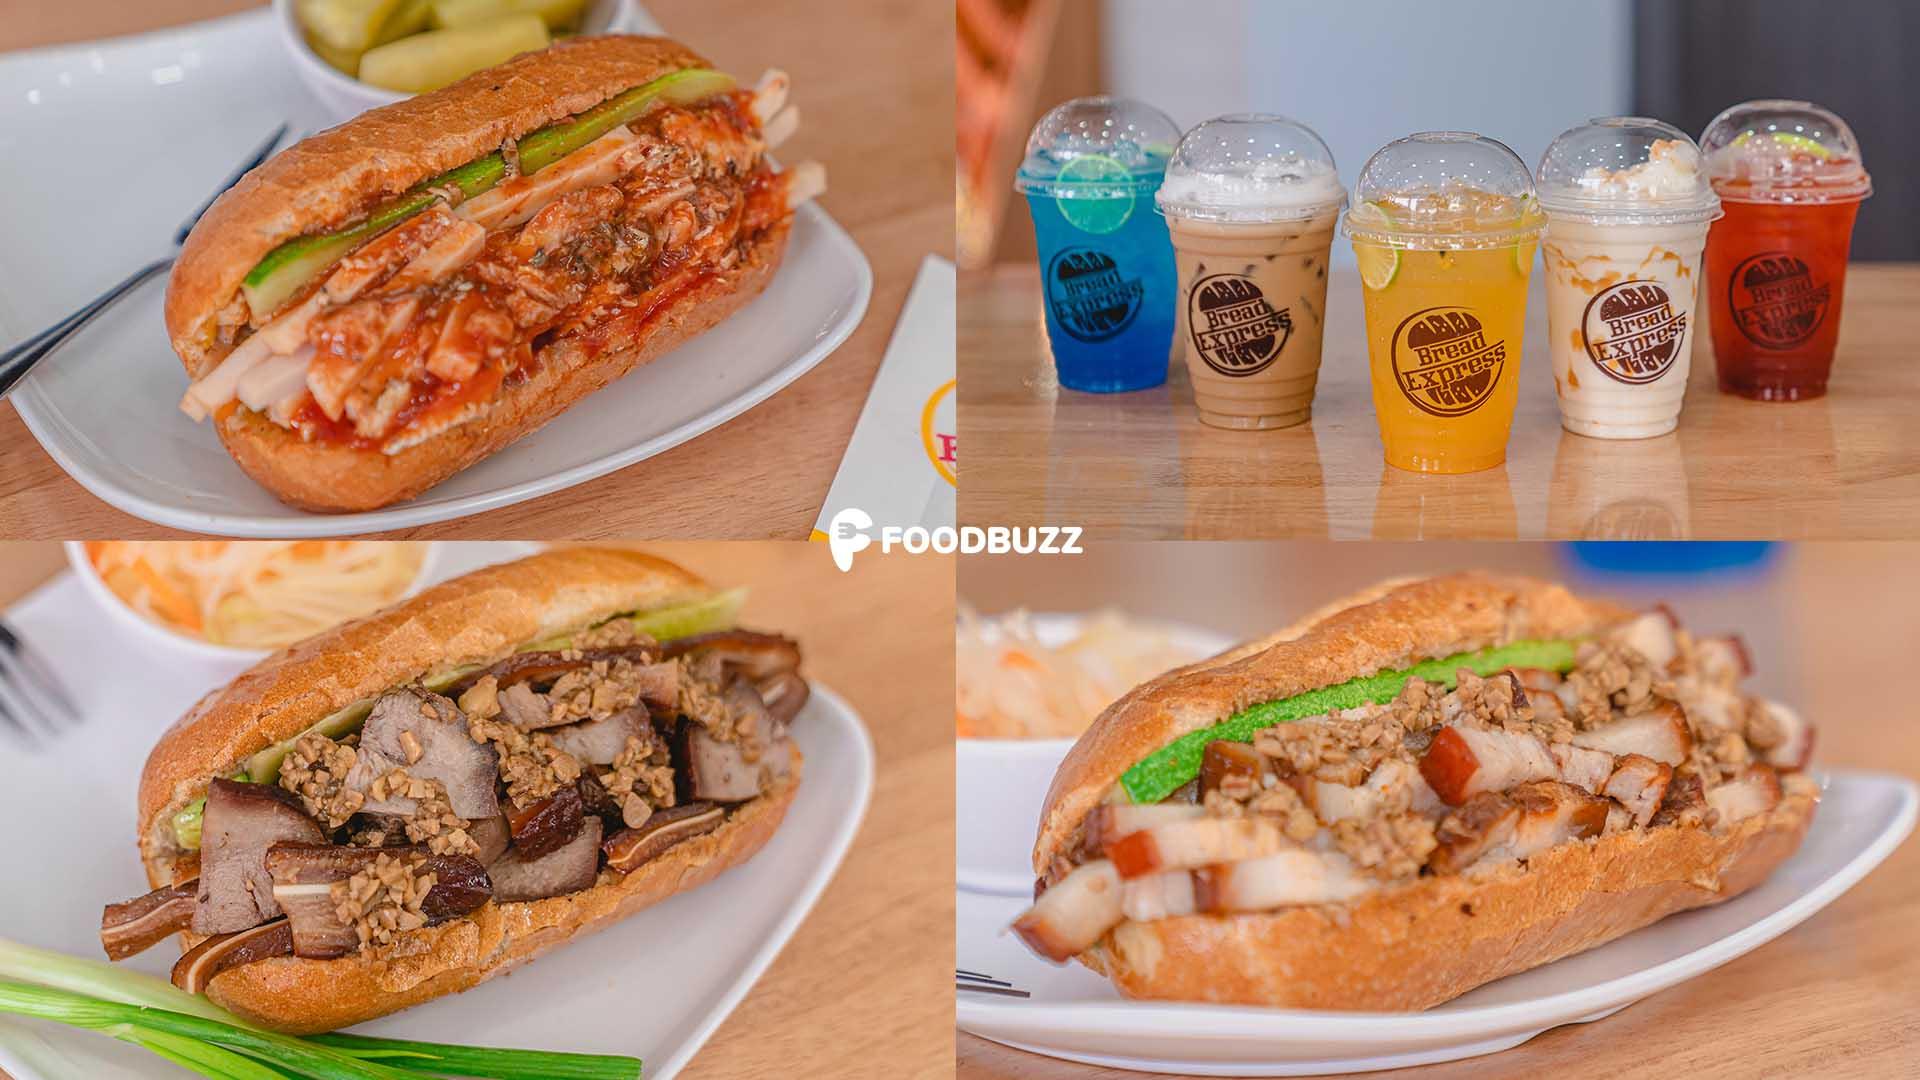 ឆ្ងាញ់ក៏ឆ្ងាញ់ តម្លៃក៏សមរម្យ! ហាងនំប៉័ងសាច់ Bread Express ទើបបើកថ្មីនៅម្តុំក្រោយទូតចិនយើងហ្នឹង